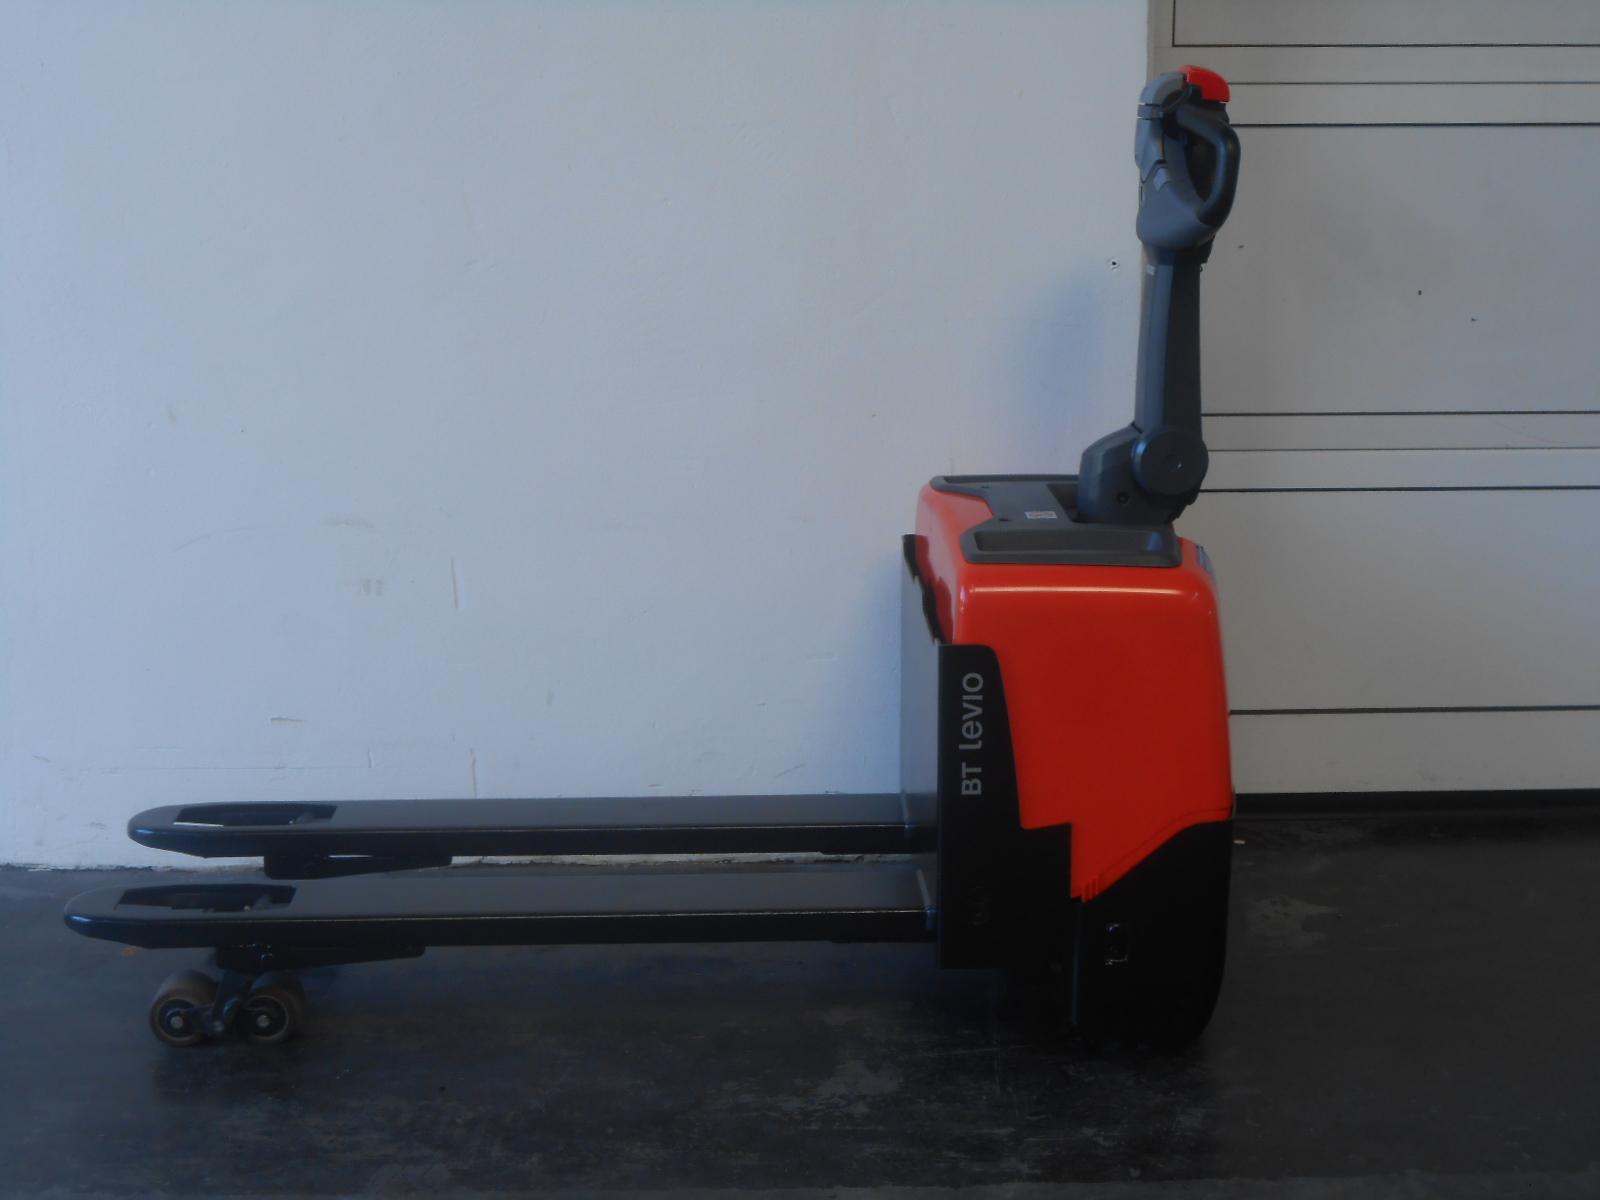 Toyota-Gabelstapler-59840 1804039903 1 75